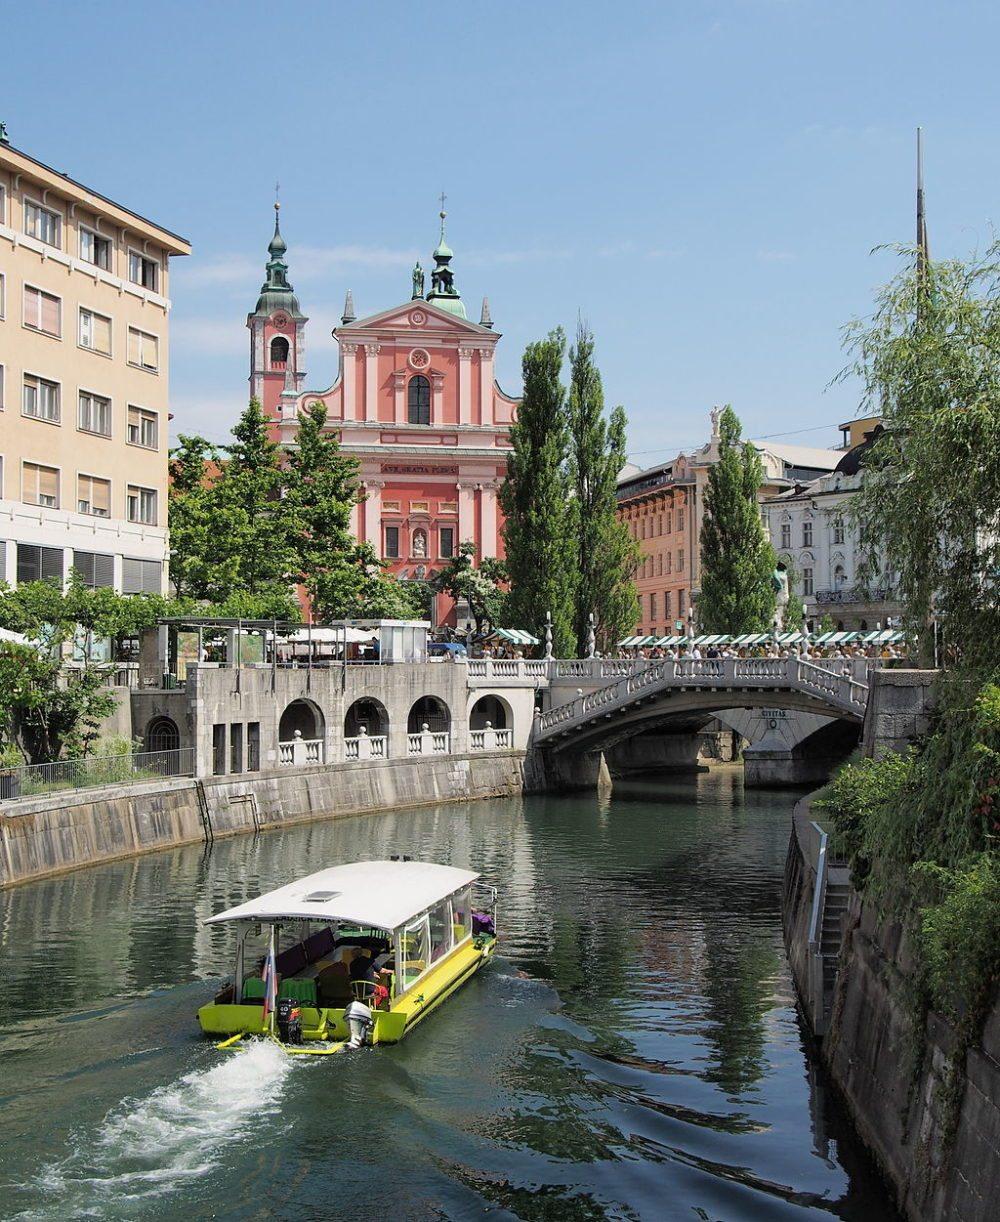 """Der Fluss Ljubljanica, im Hintergrund die Drei Brücken (Tromostovje). (Urheber: Petar Milošević / Wiki / Lizenz: <a href=""""http://creativecommons.org/licenses/by-sa/3.0/deed.en"""" target=""""_blank"""">CC</a>)"""